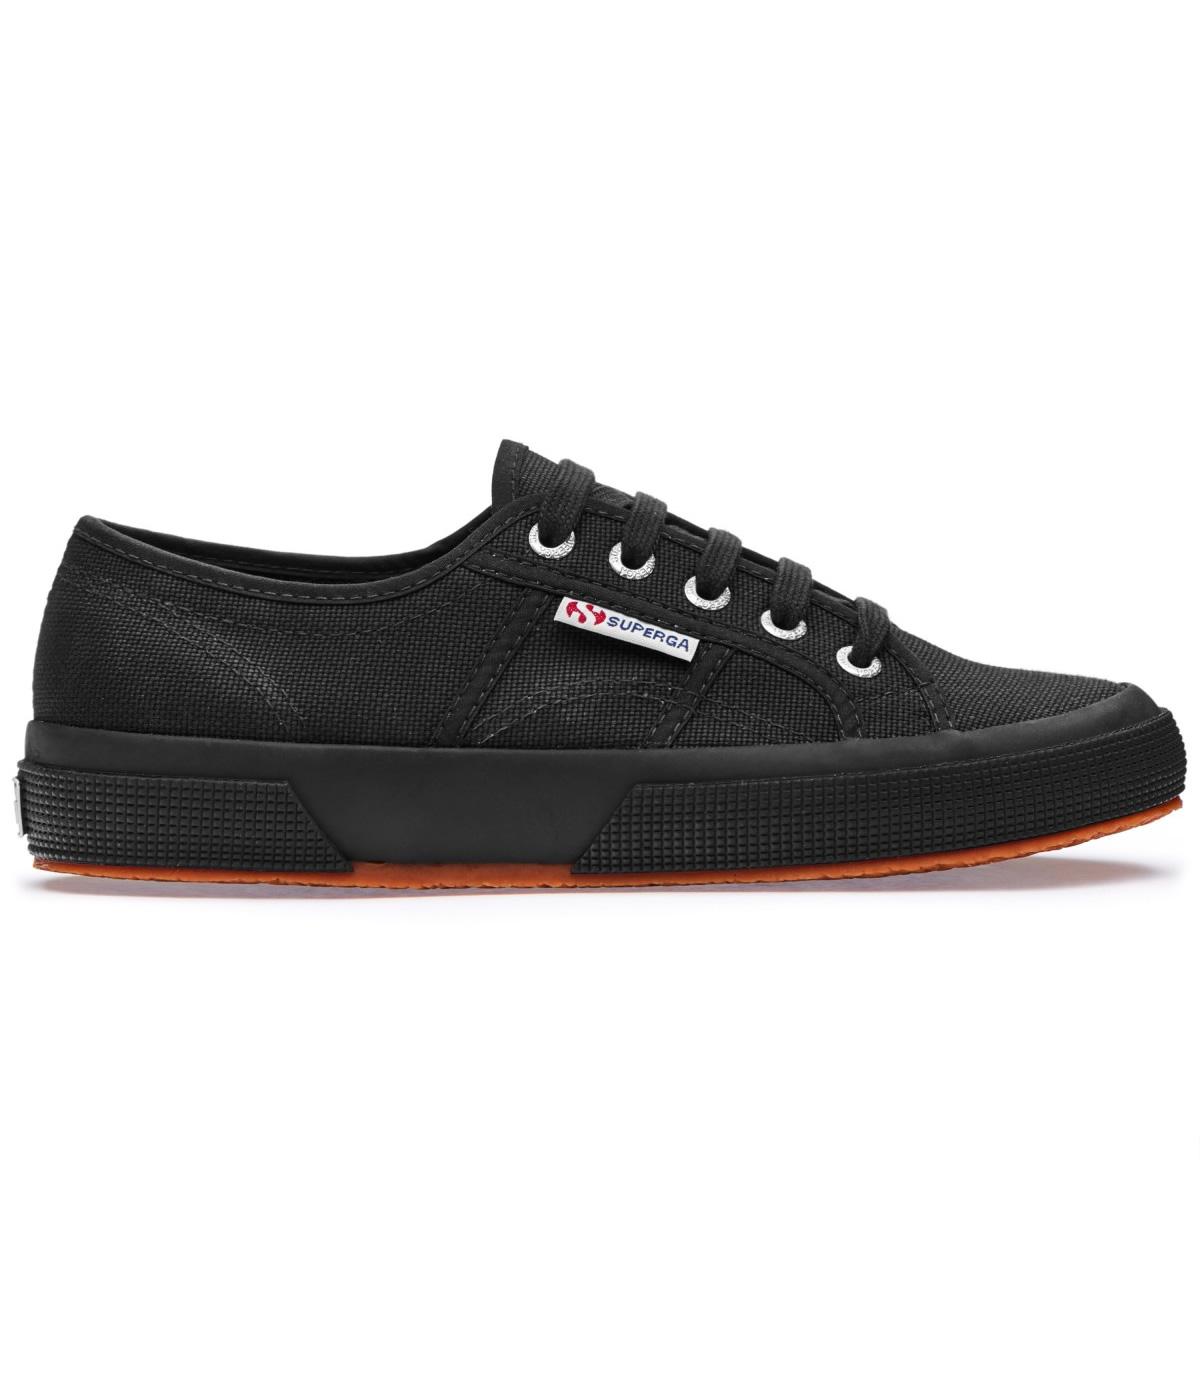 Zapatillas Superga negras